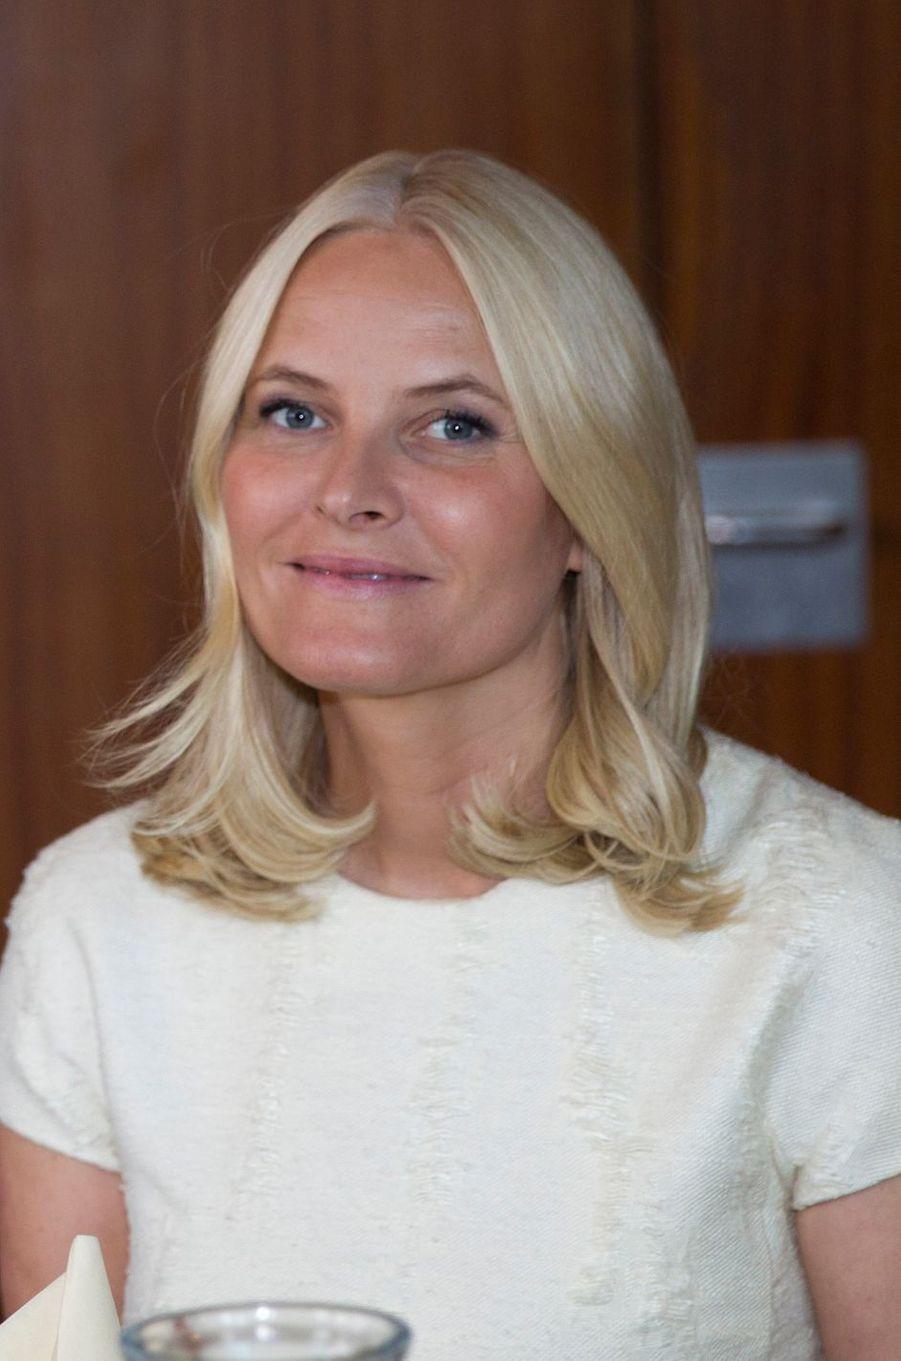 La princesse Mette-Marit de Norvège à Kirkwall, le 16 juin 2017